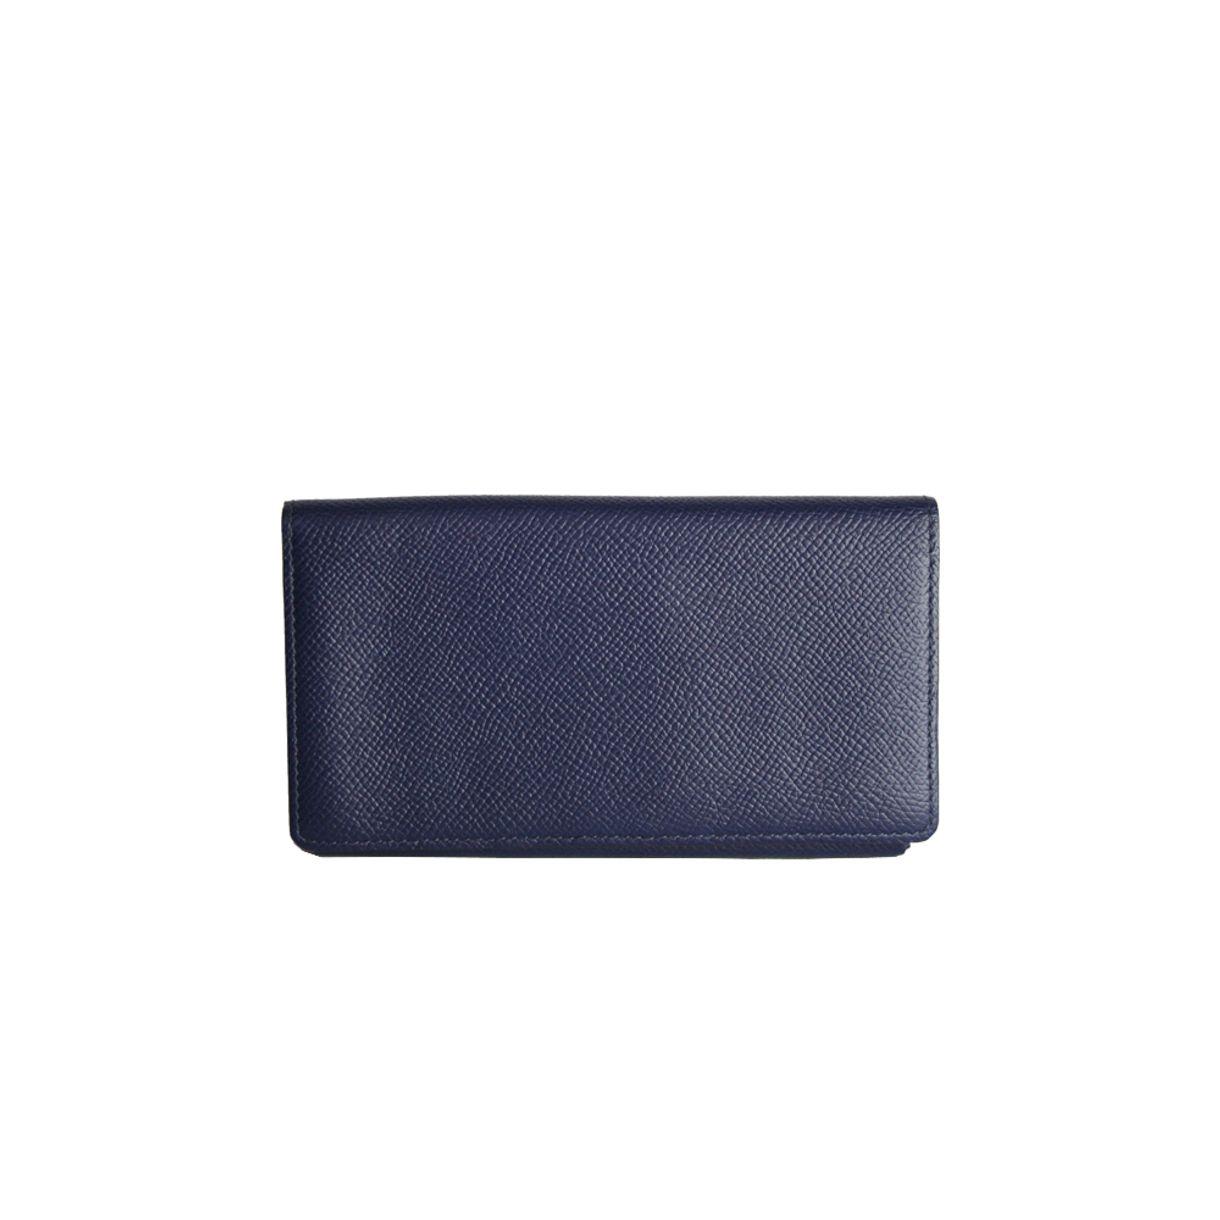 Carteira-Hermes-Azul-Marinho-com-Iphone-Case